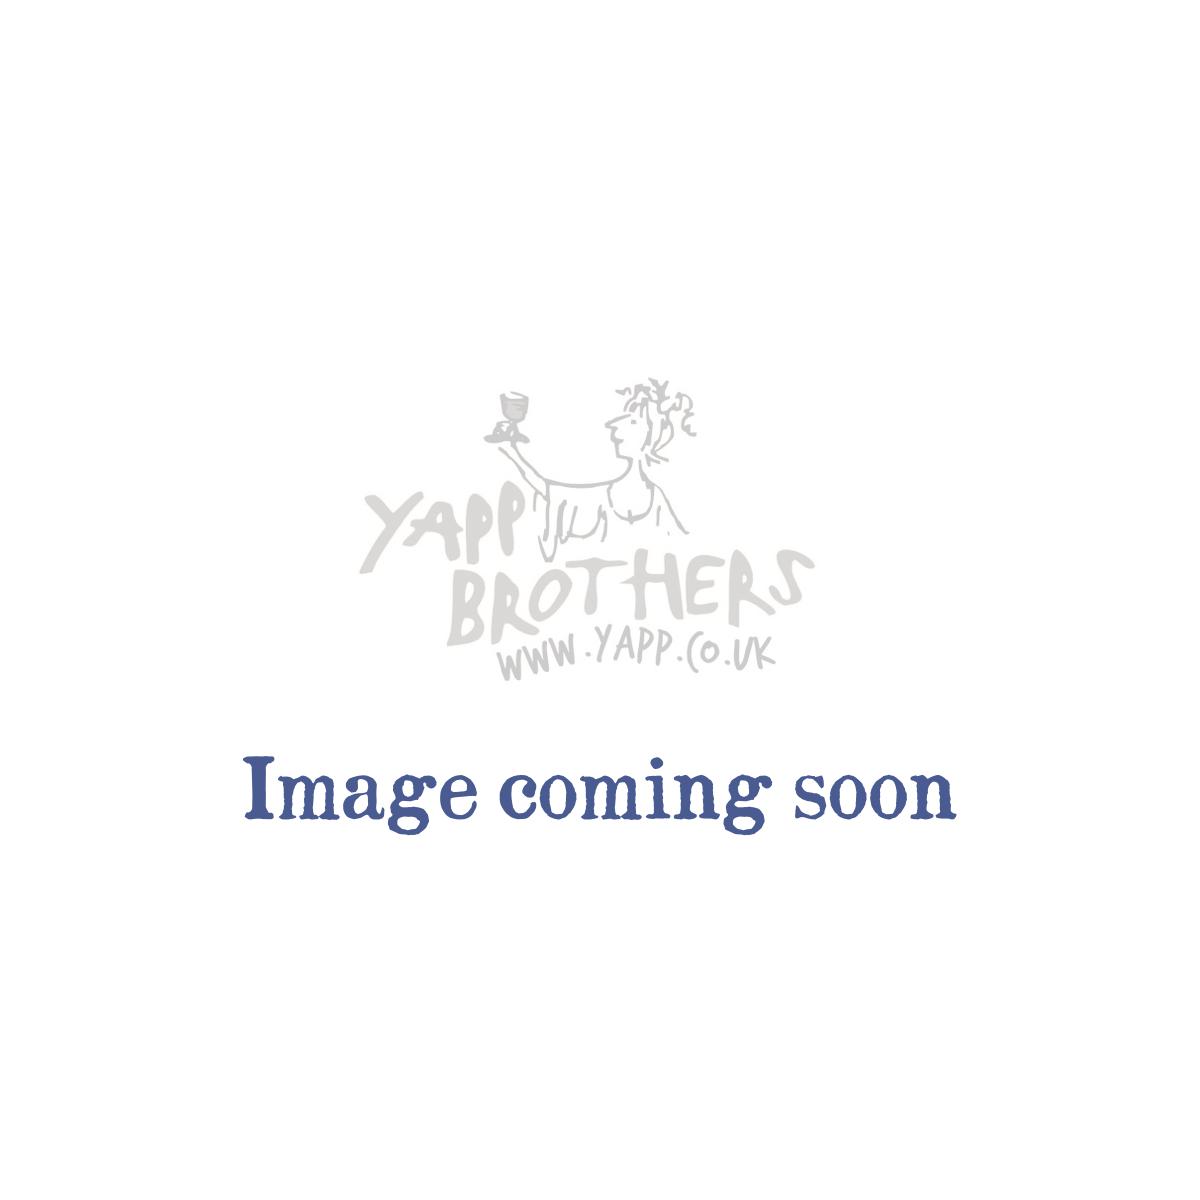 Mosel: Reichsgraf von Kesselstatt Riesling Trocken 2008 - Rear Label